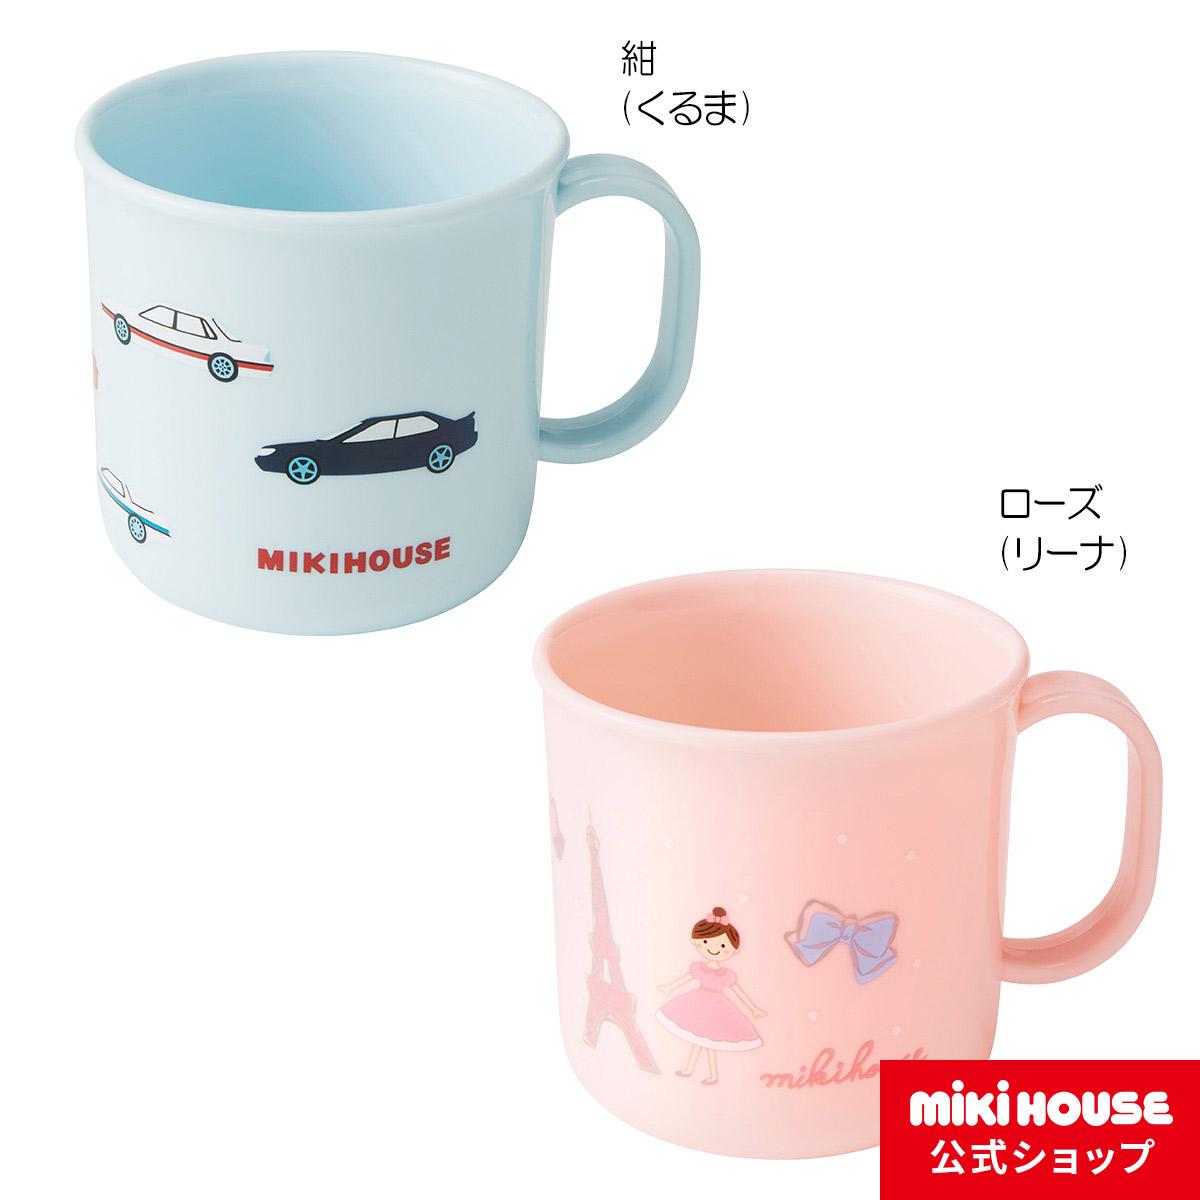 ミキハウス コップ(200ml)